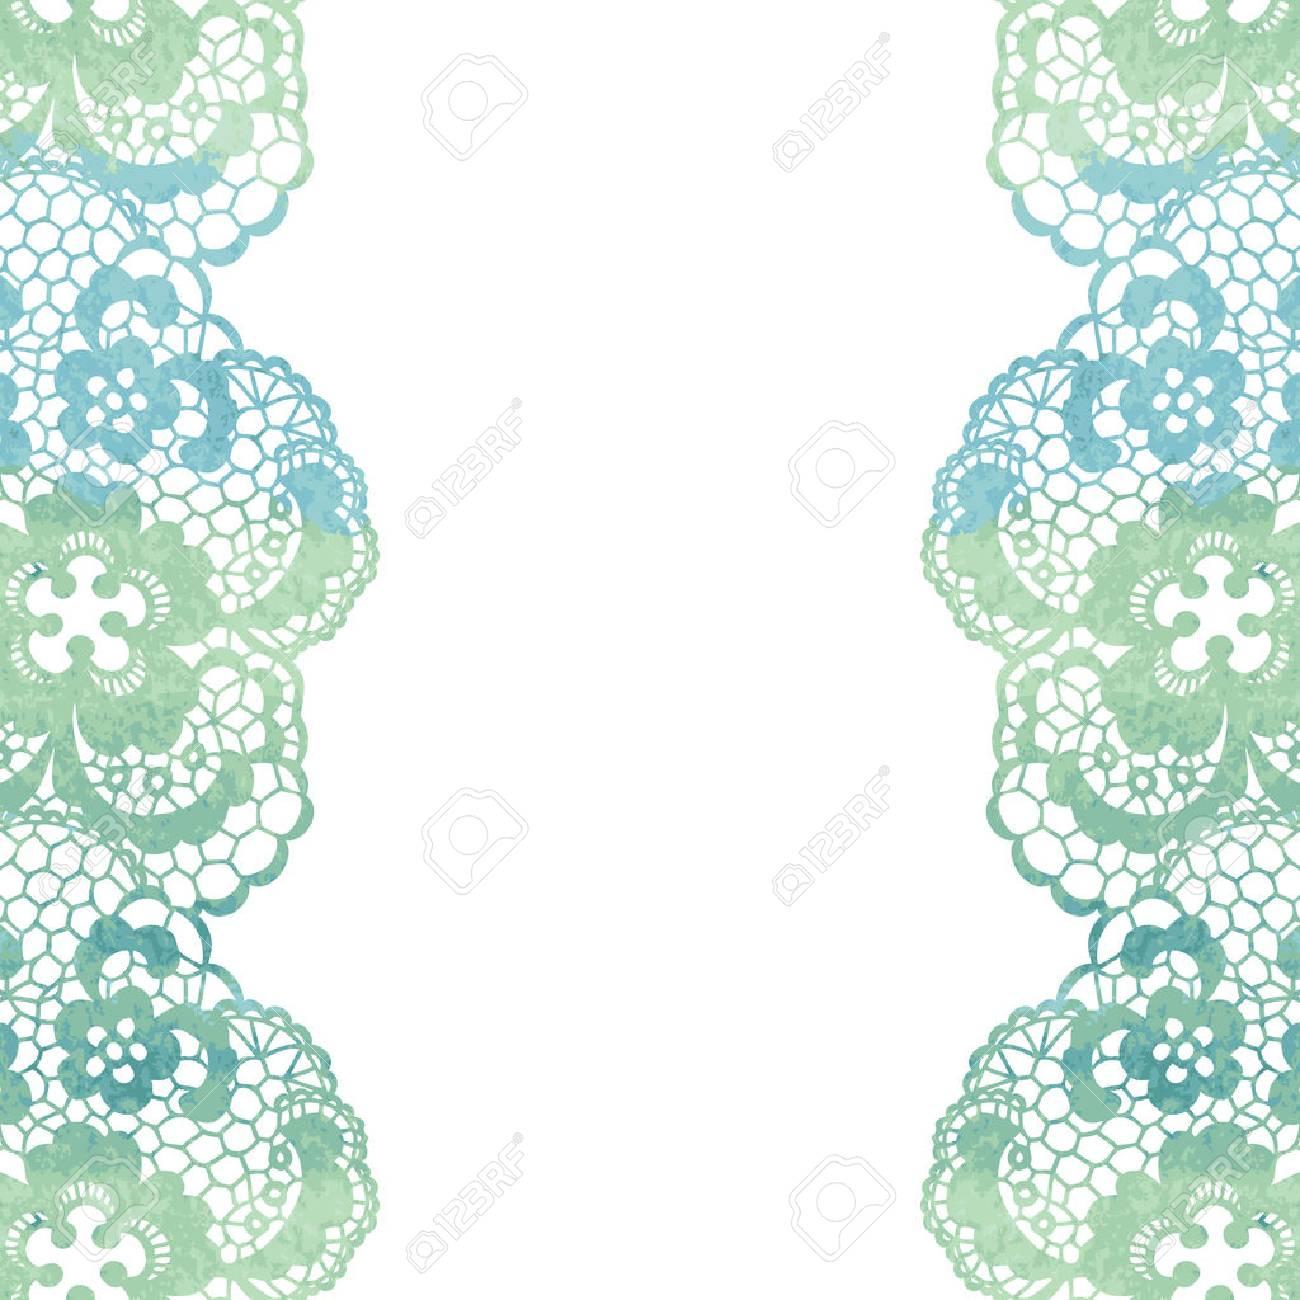 Lacy Elegante Marco. Tarjeta De La Invitación. Ilustración Del ...